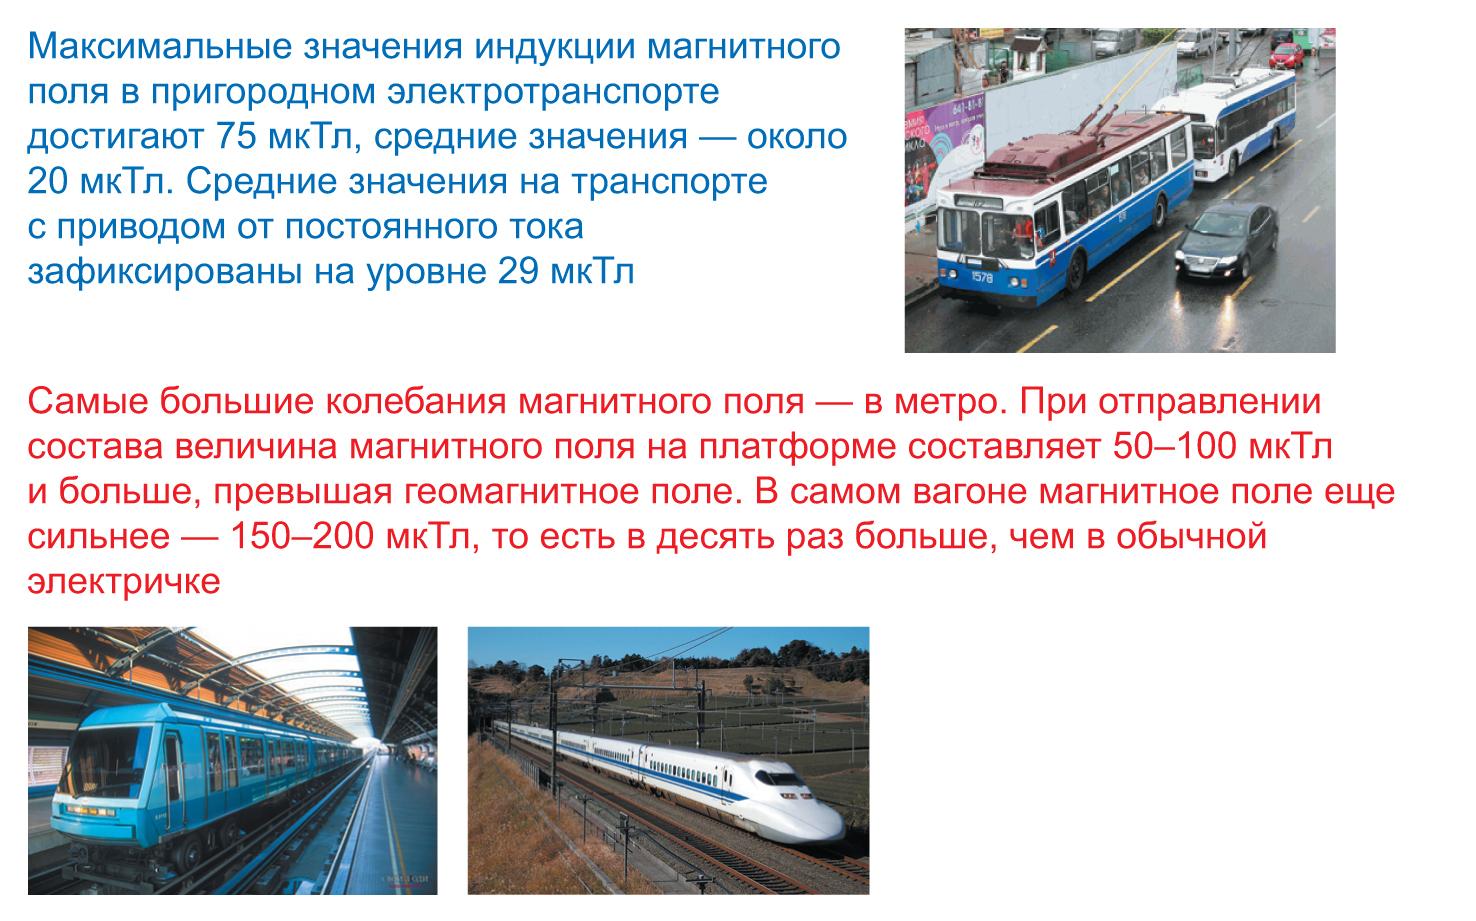 Электротранспорт как источник электромагнитного излучения